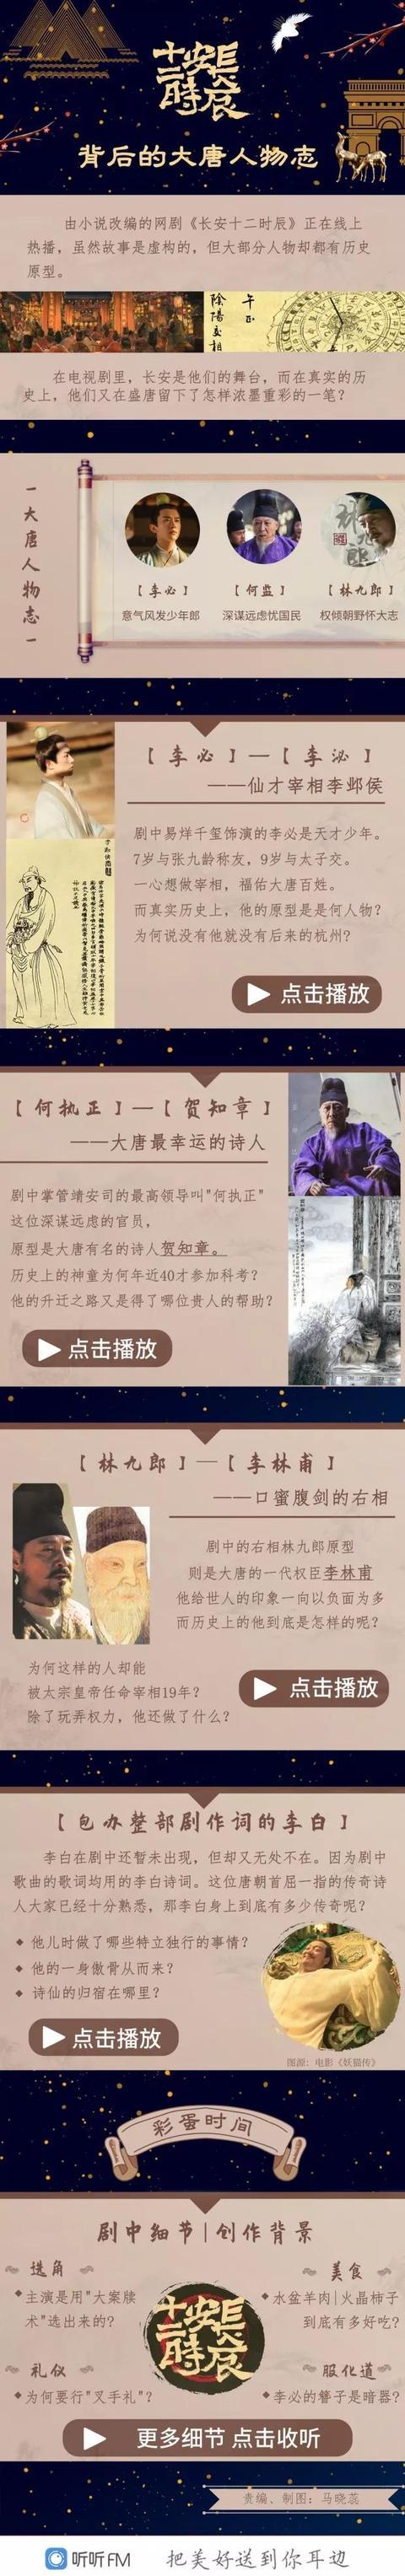 热听 |《长安十二时辰》背后的大唐人物志